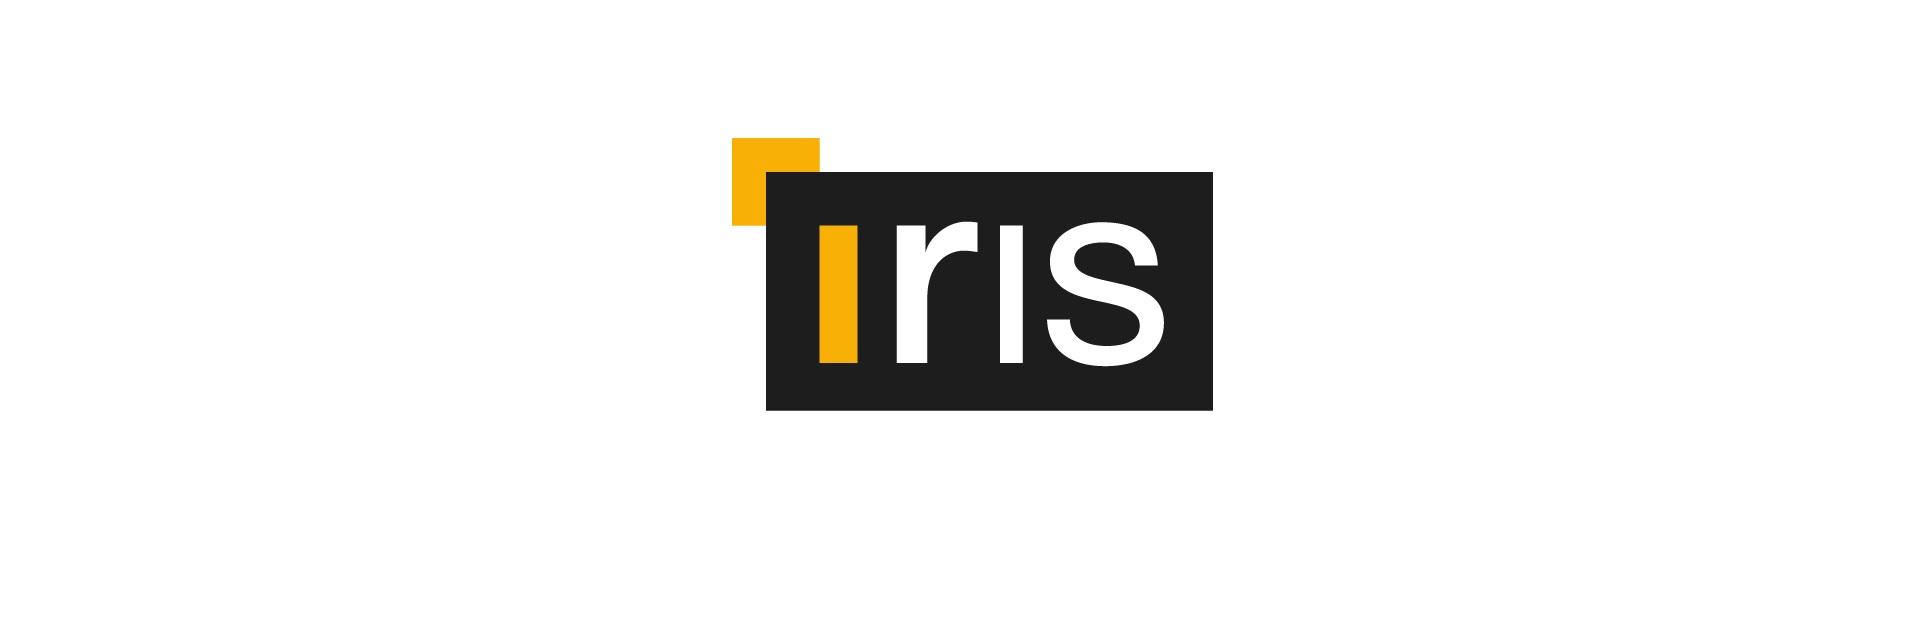 IRIS : INFORMATIQUE & NUMÉRIQUE